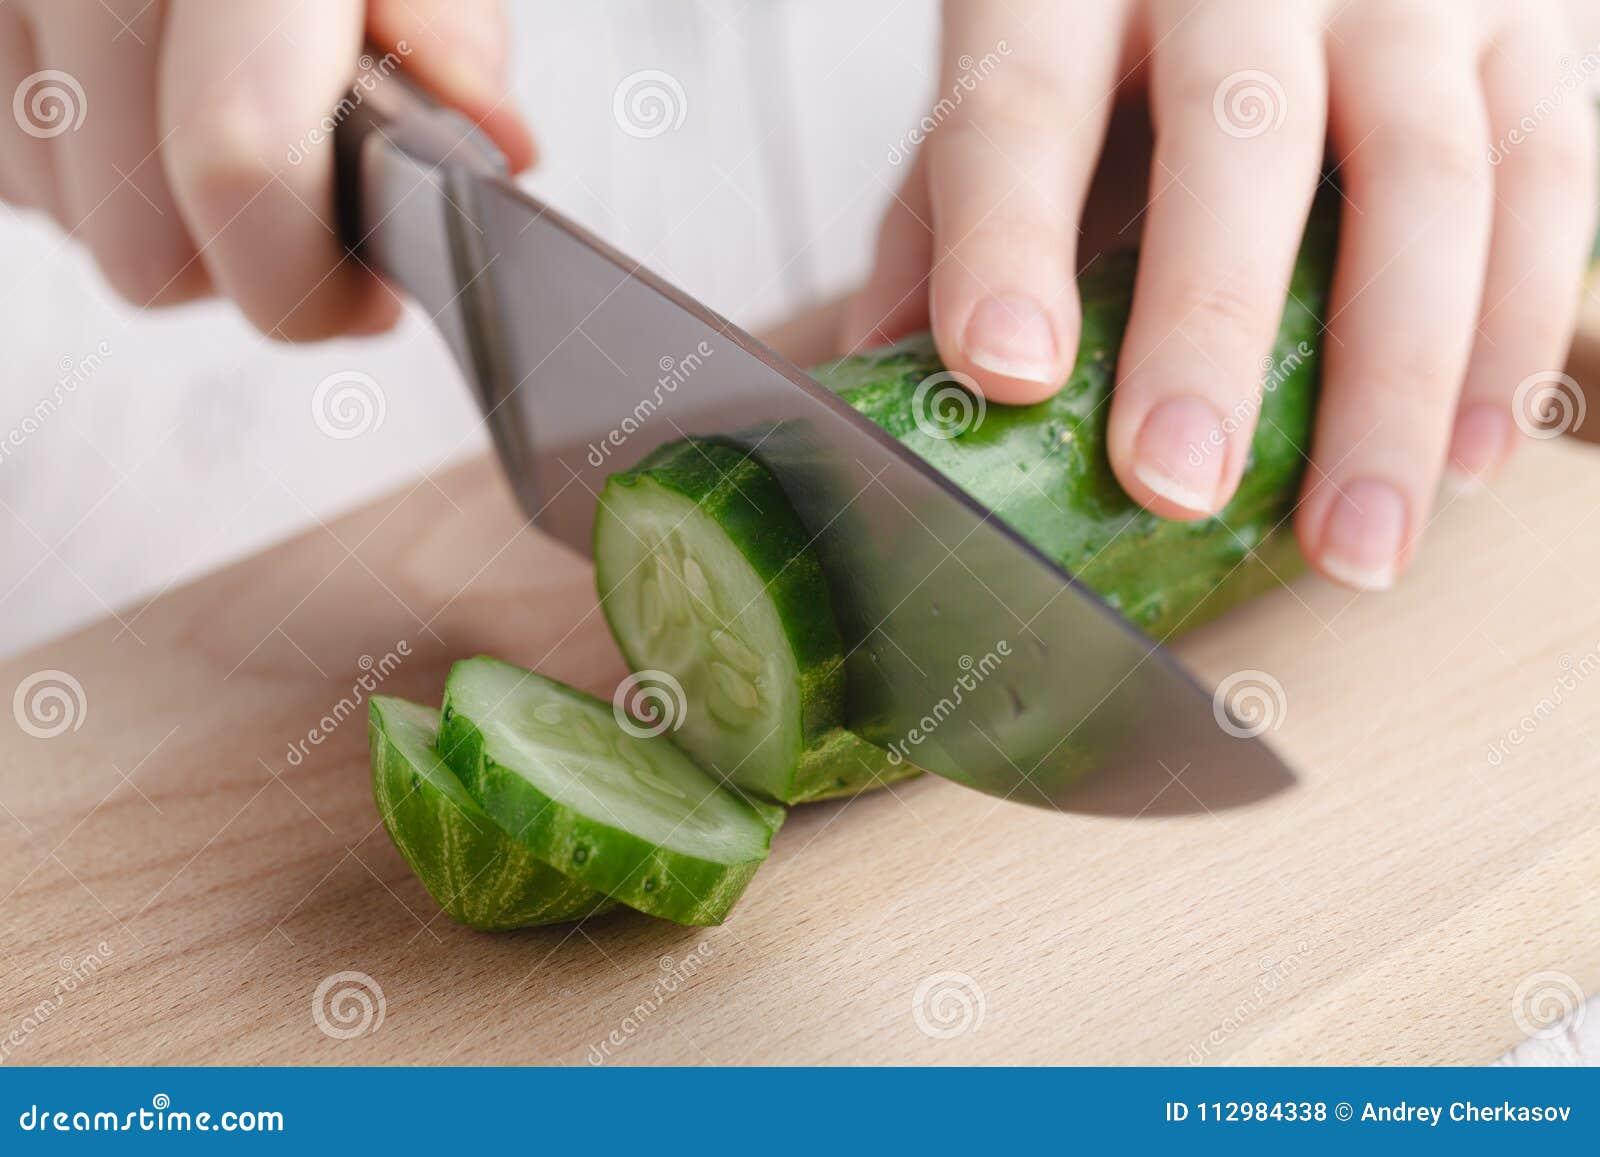 Female cut raw cucumber on cutting board